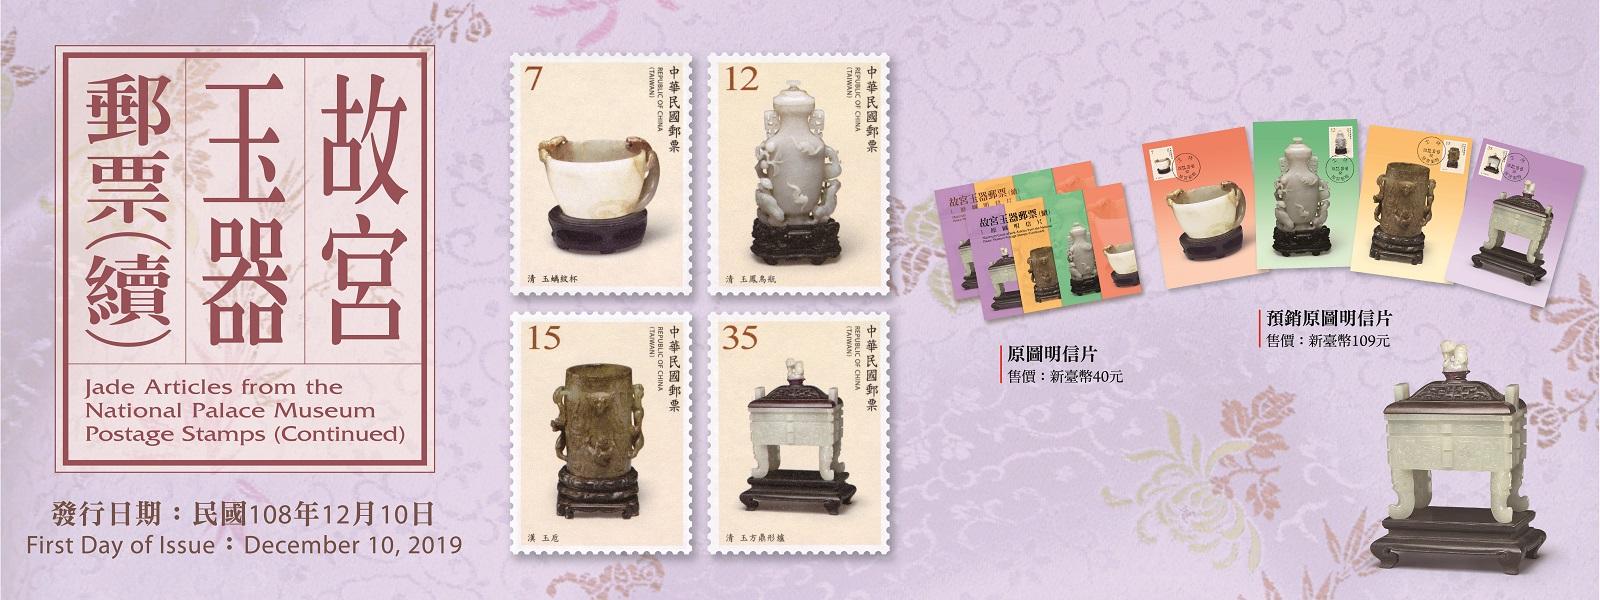 廣告連結:常148 故宮玉器郵票(續)(另開視窗)